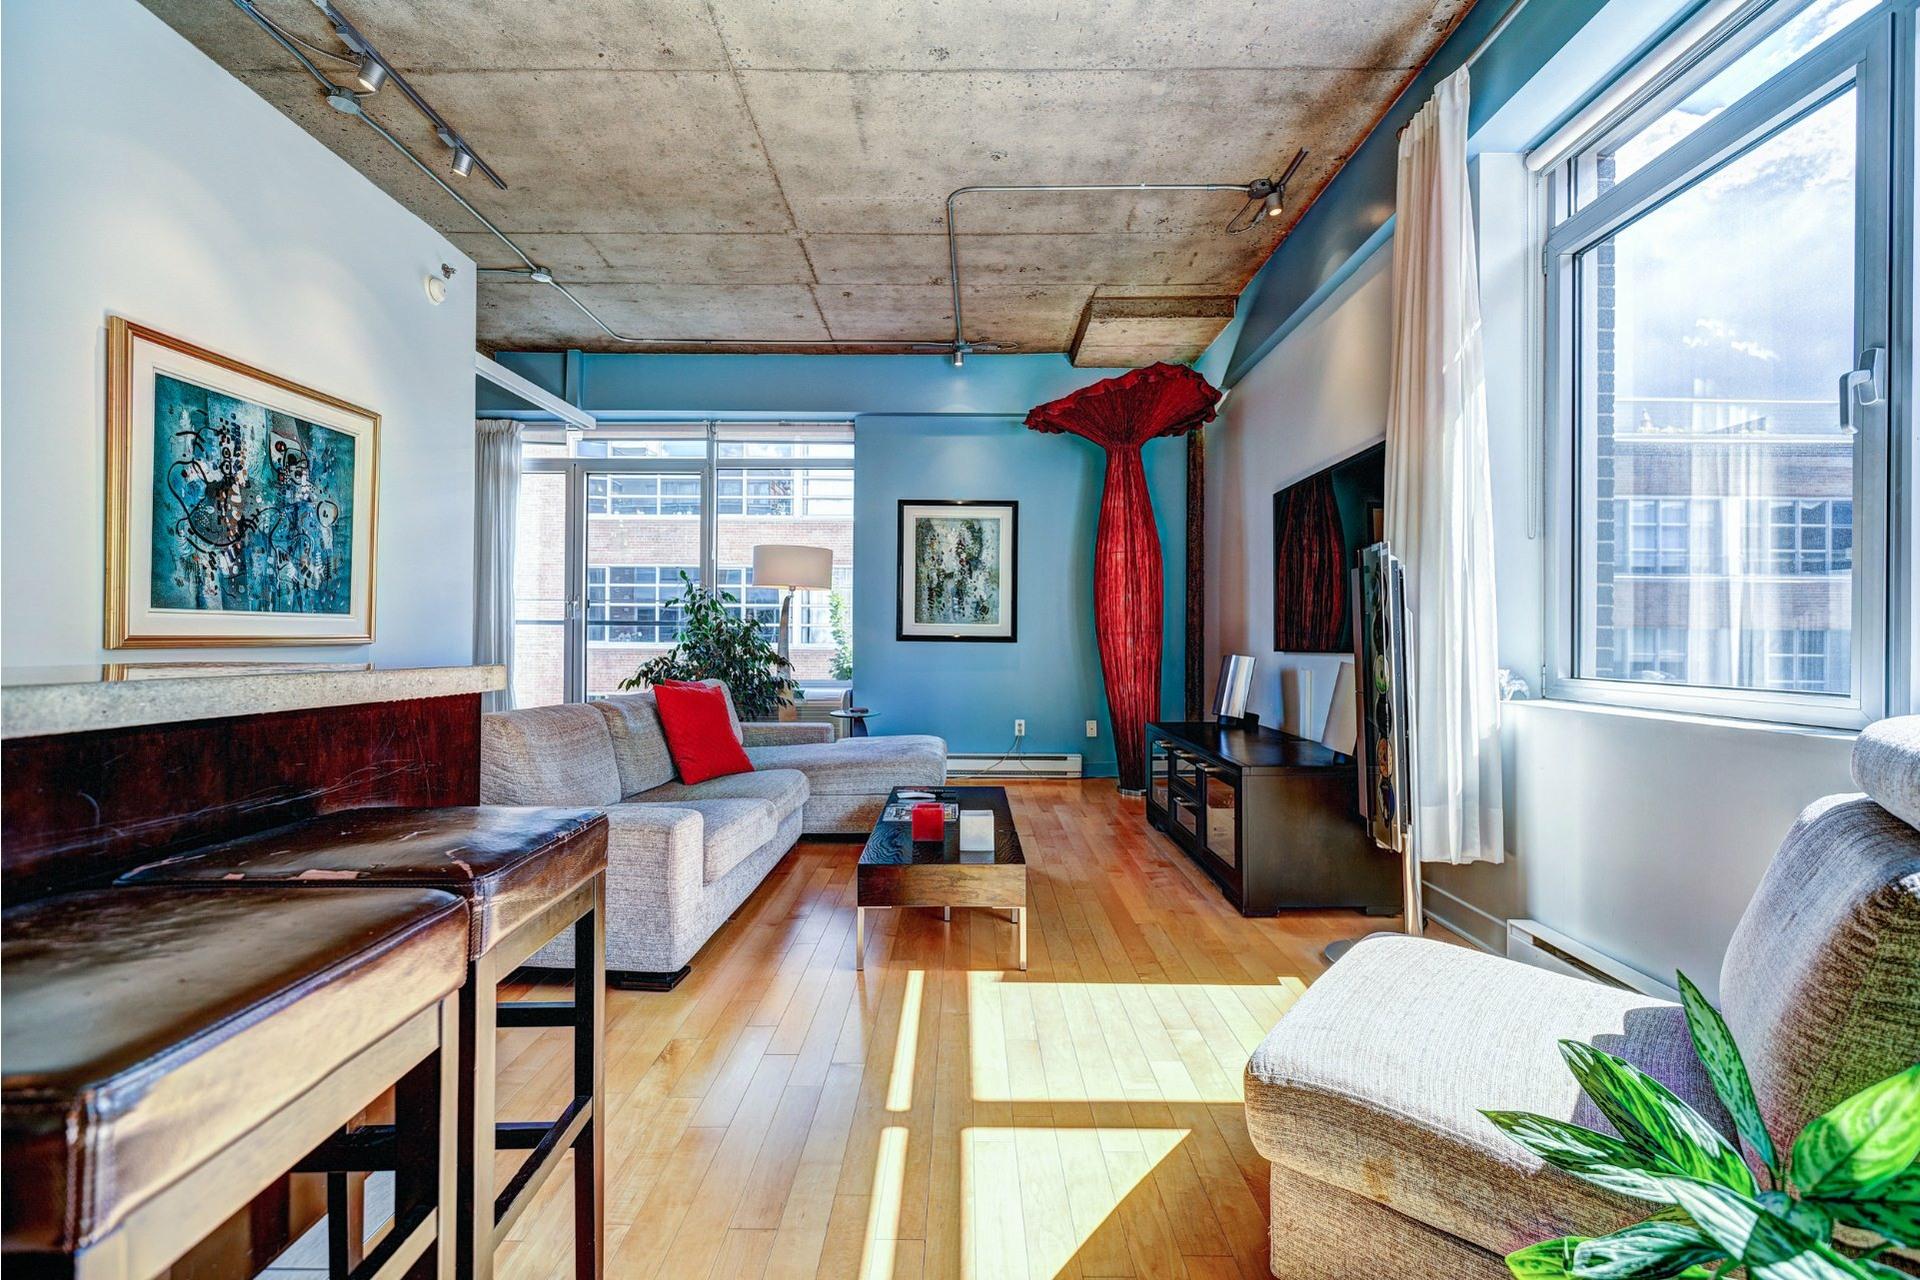 image 17 - Appartement À louer Villeray/Saint-Michel/Parc-Extension Montréal  - 8 pièces